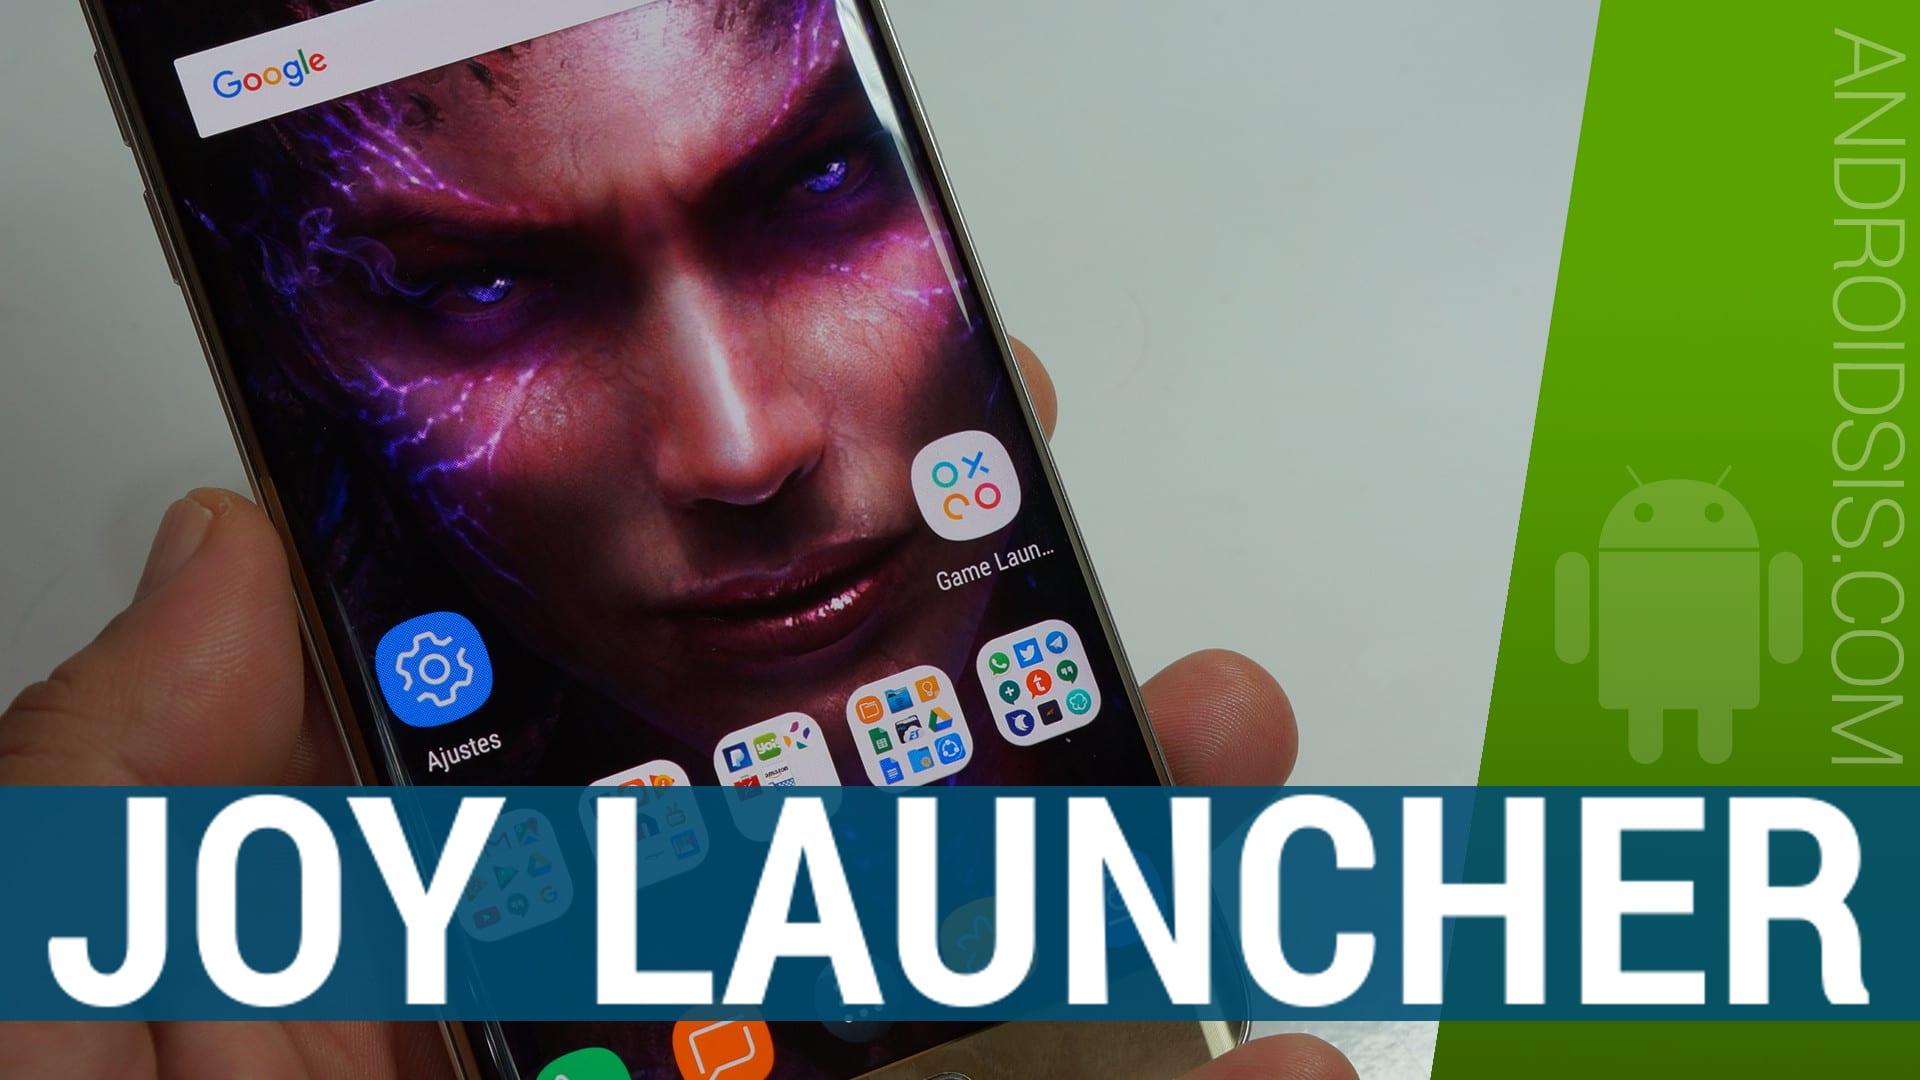 Joy Launcher Live Wallpaper, un Launcher elegante rápido y sin complicaciones